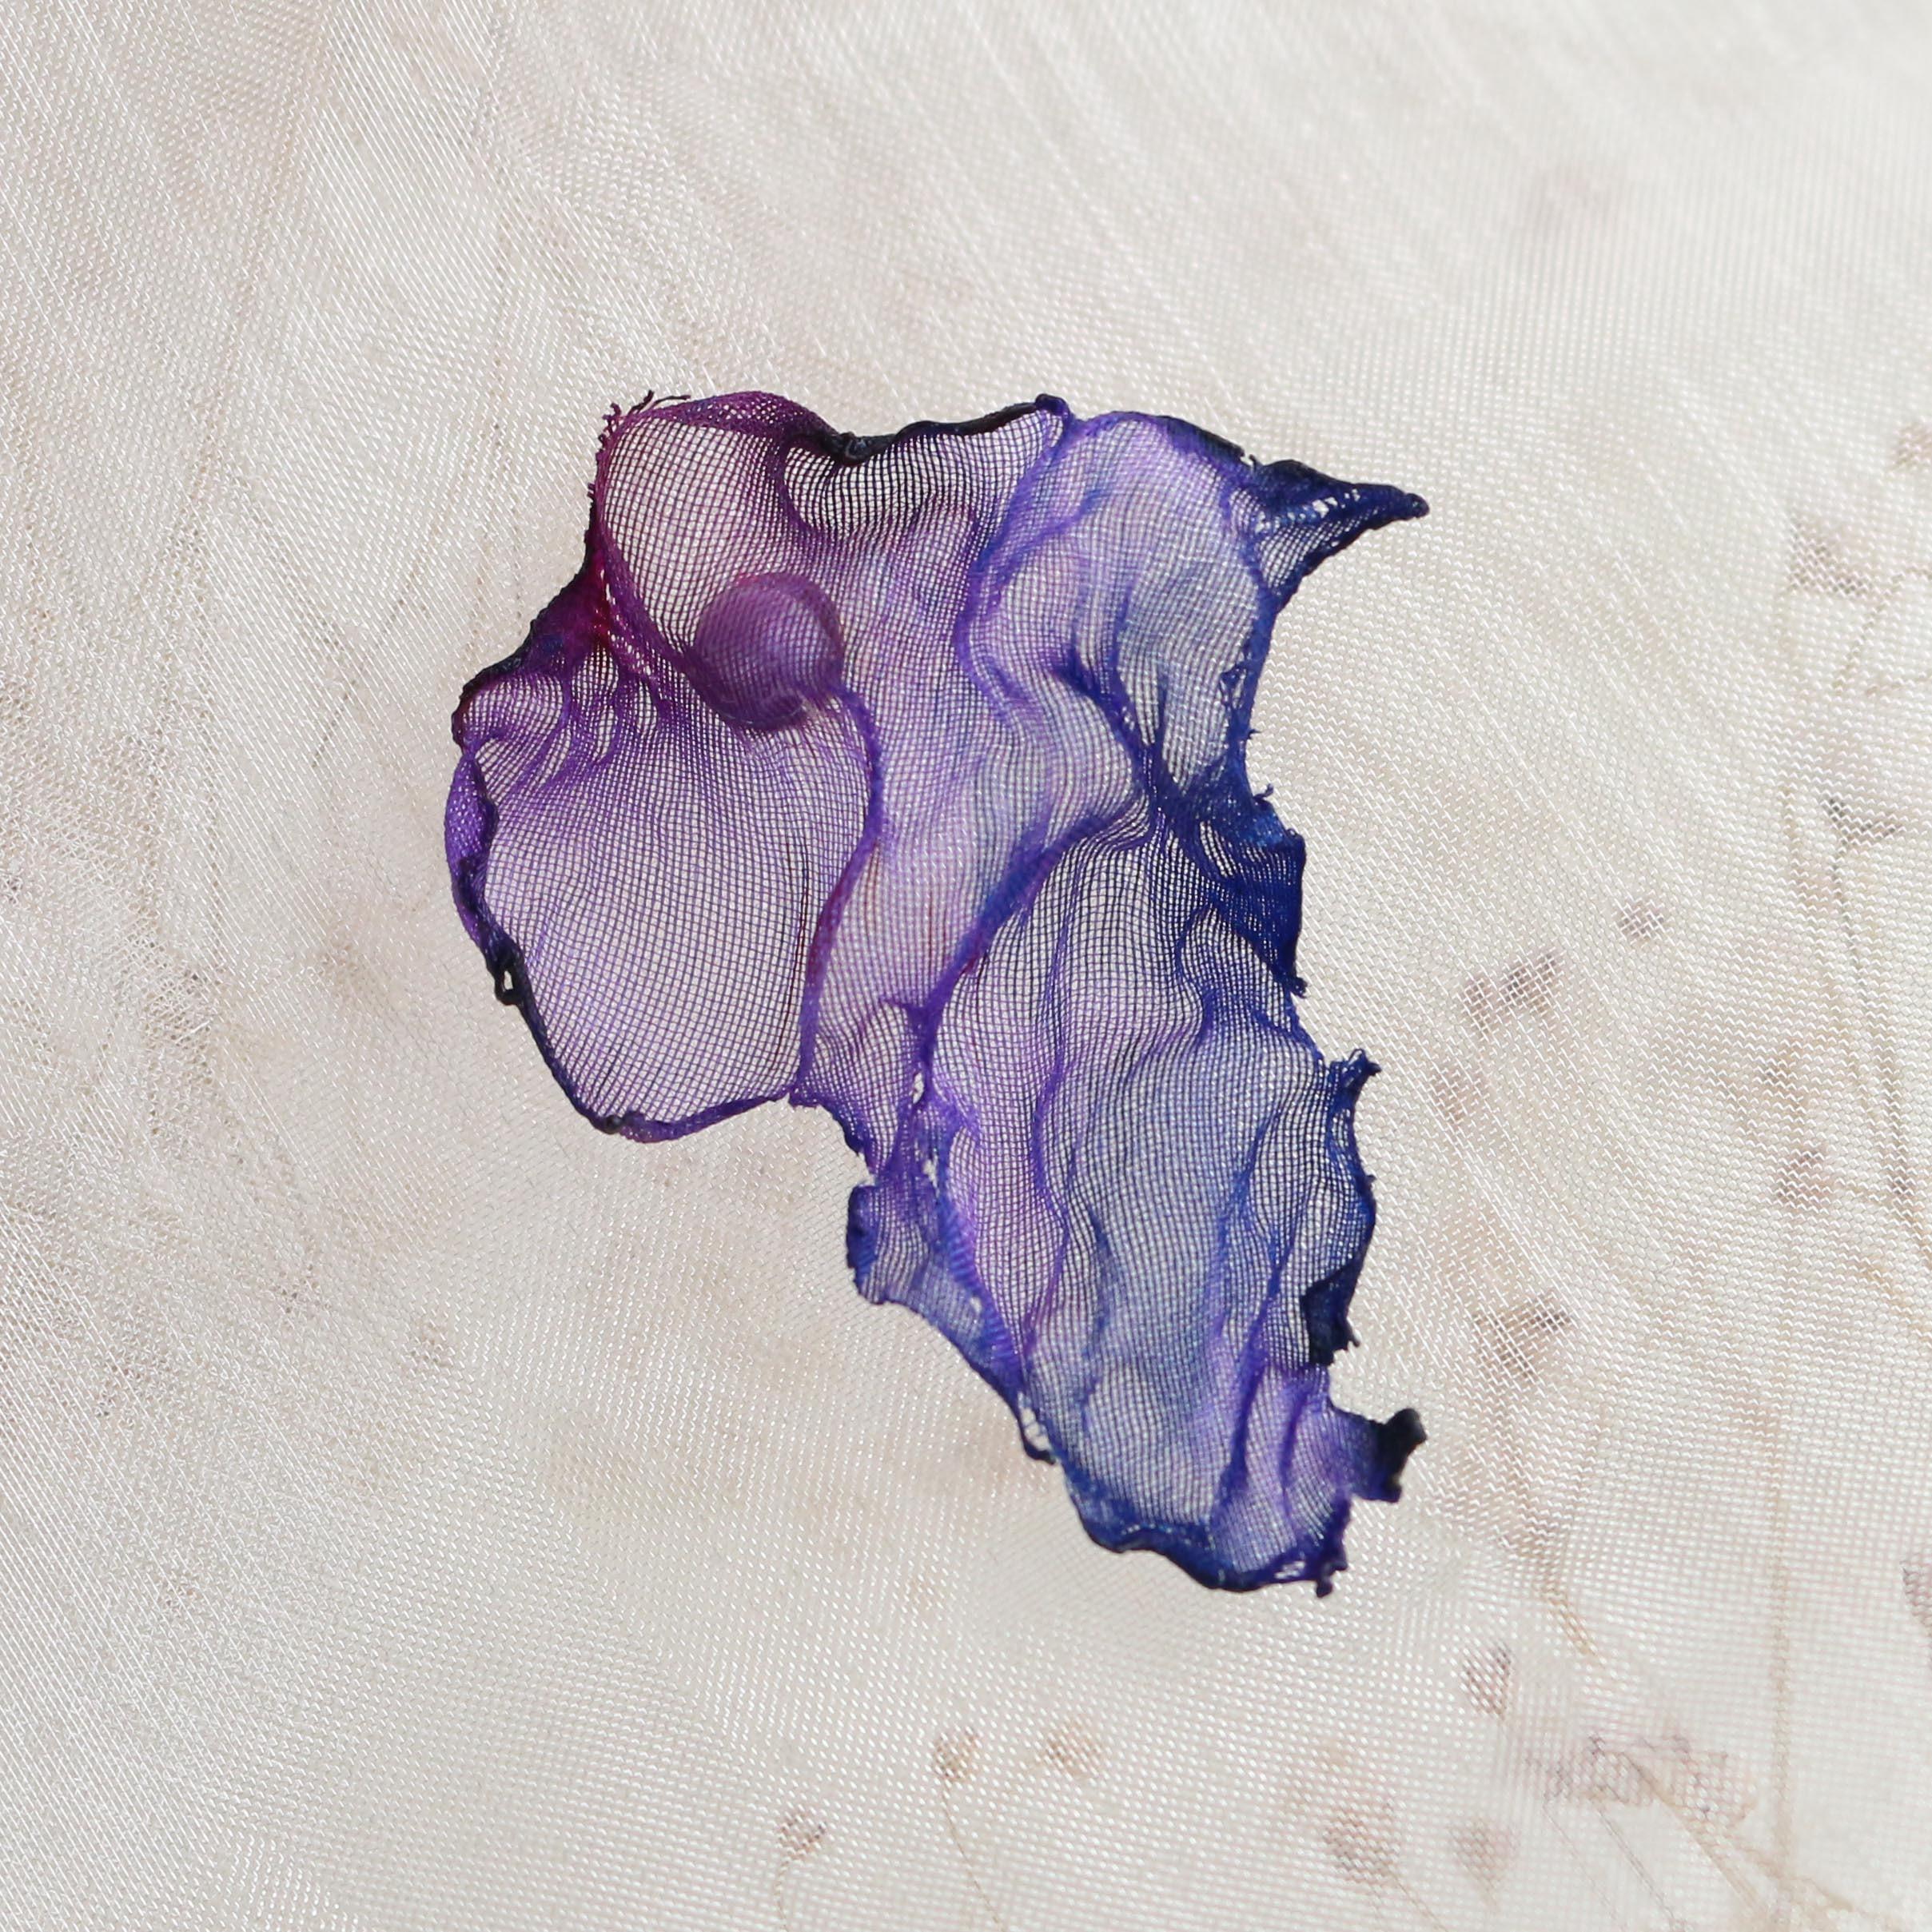 染めオーガンジーのアートピアス|濃い紫